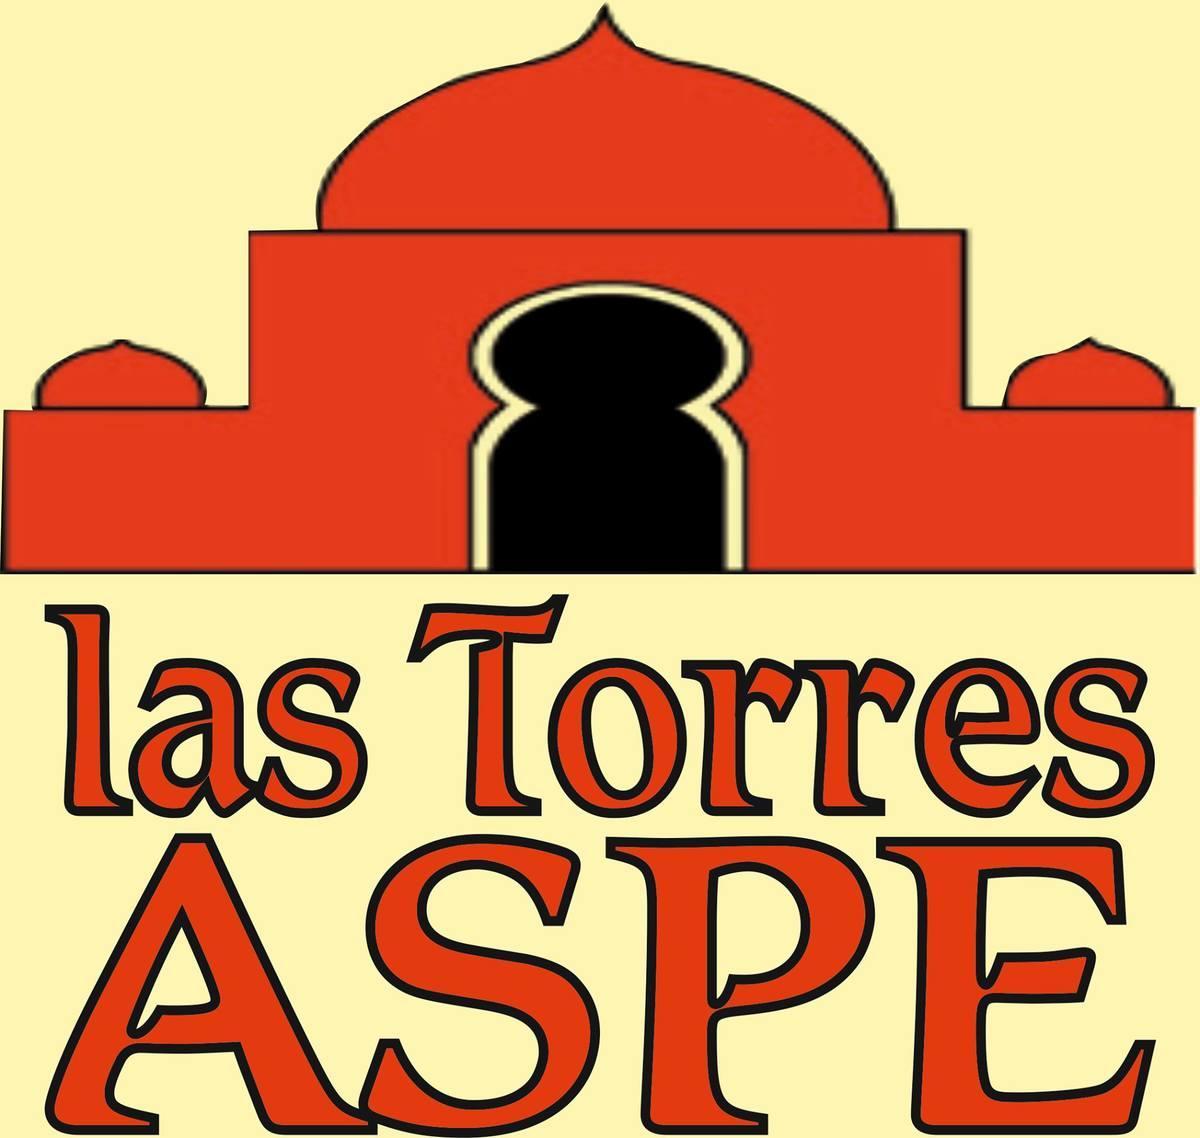 Kebap Pizzeria Las Torres Aspe in Aspe.